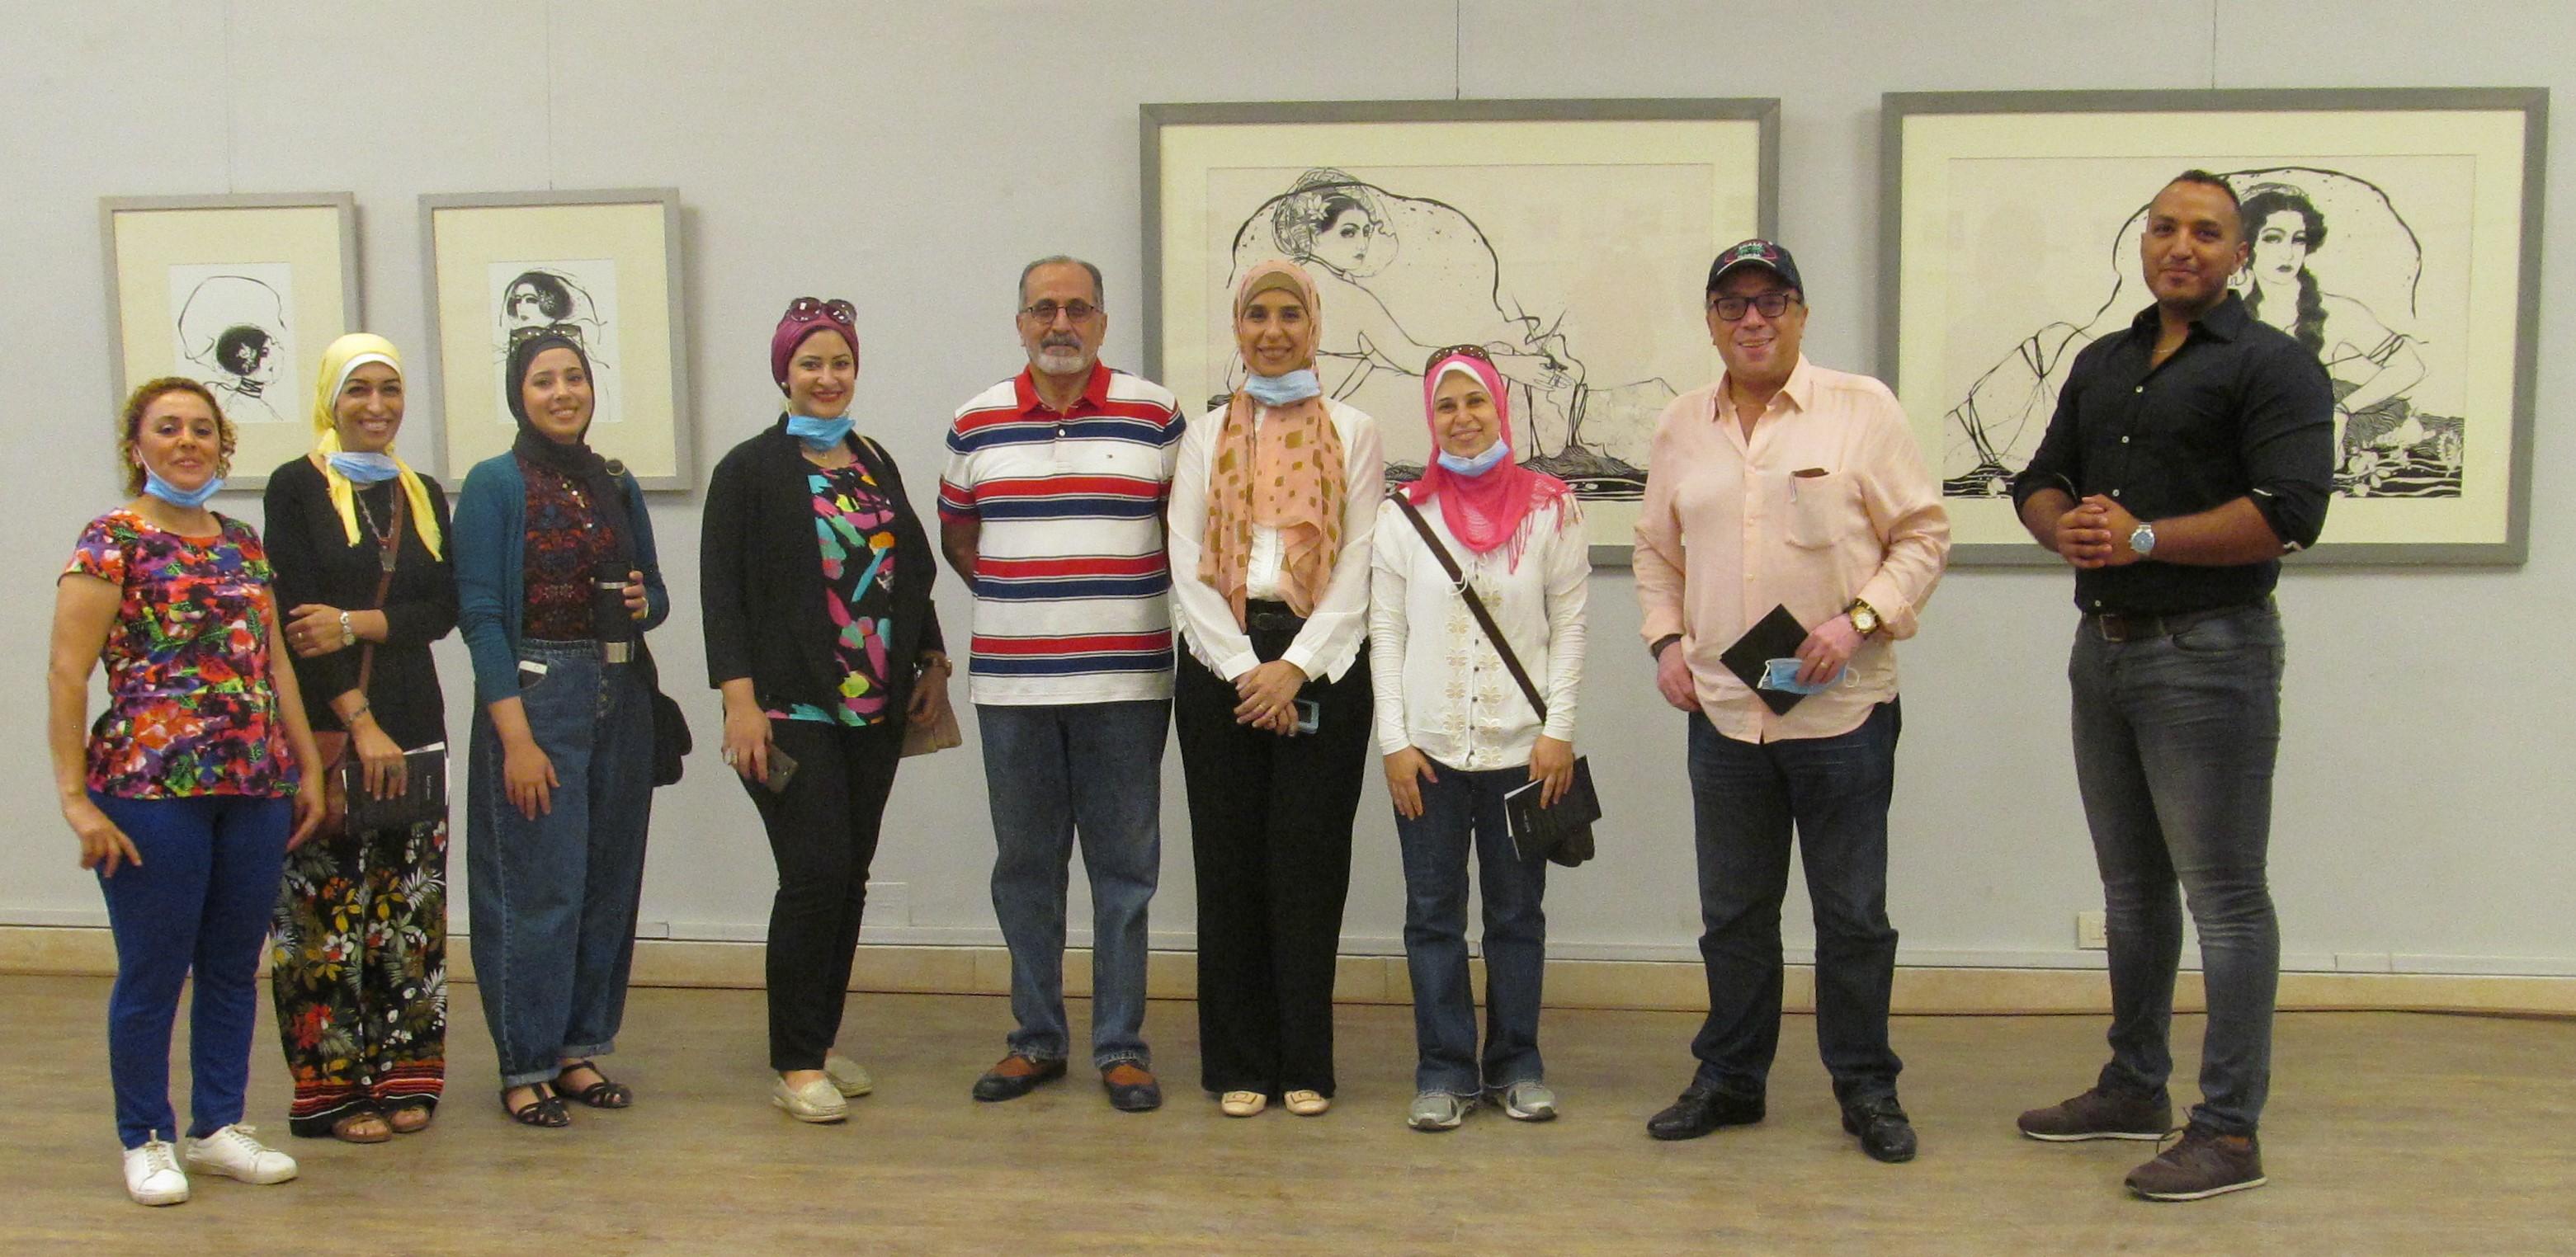 الدكتور أشرف رضا بمعرض الدكتورة إيمان أسامة  (2)